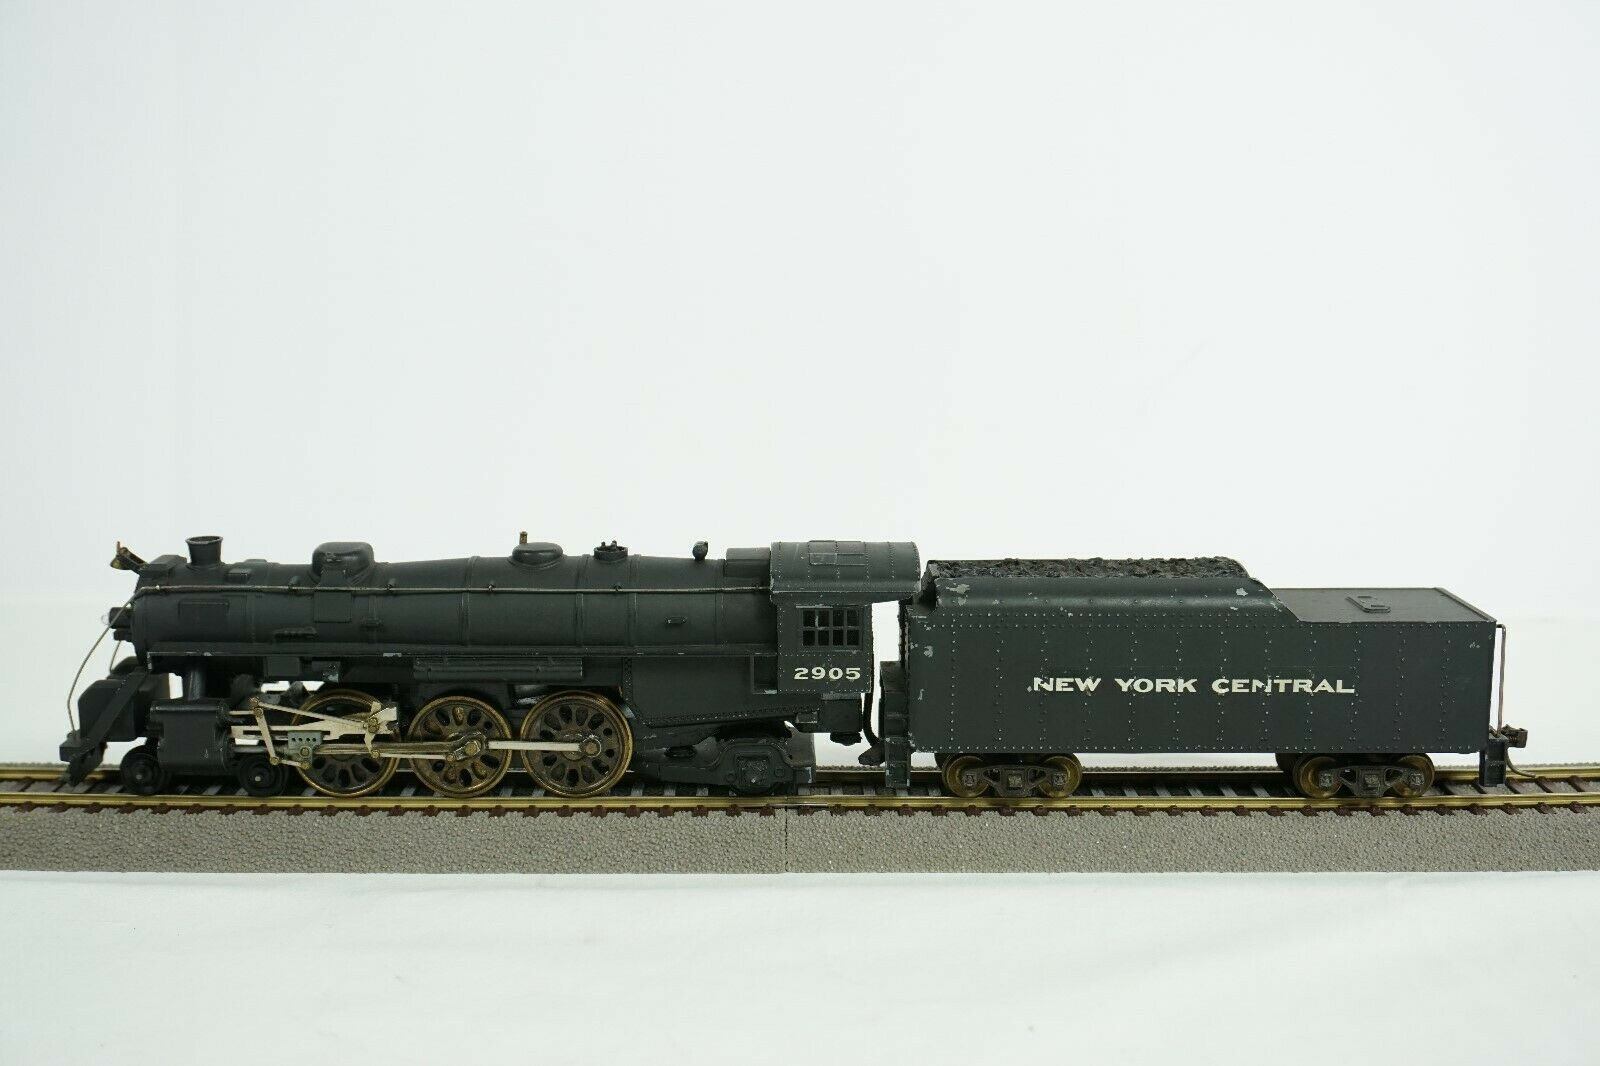 Jahr Mantua HO Scale New York Central 4-6-2 Steam Engine 2905 Tender Licht P5